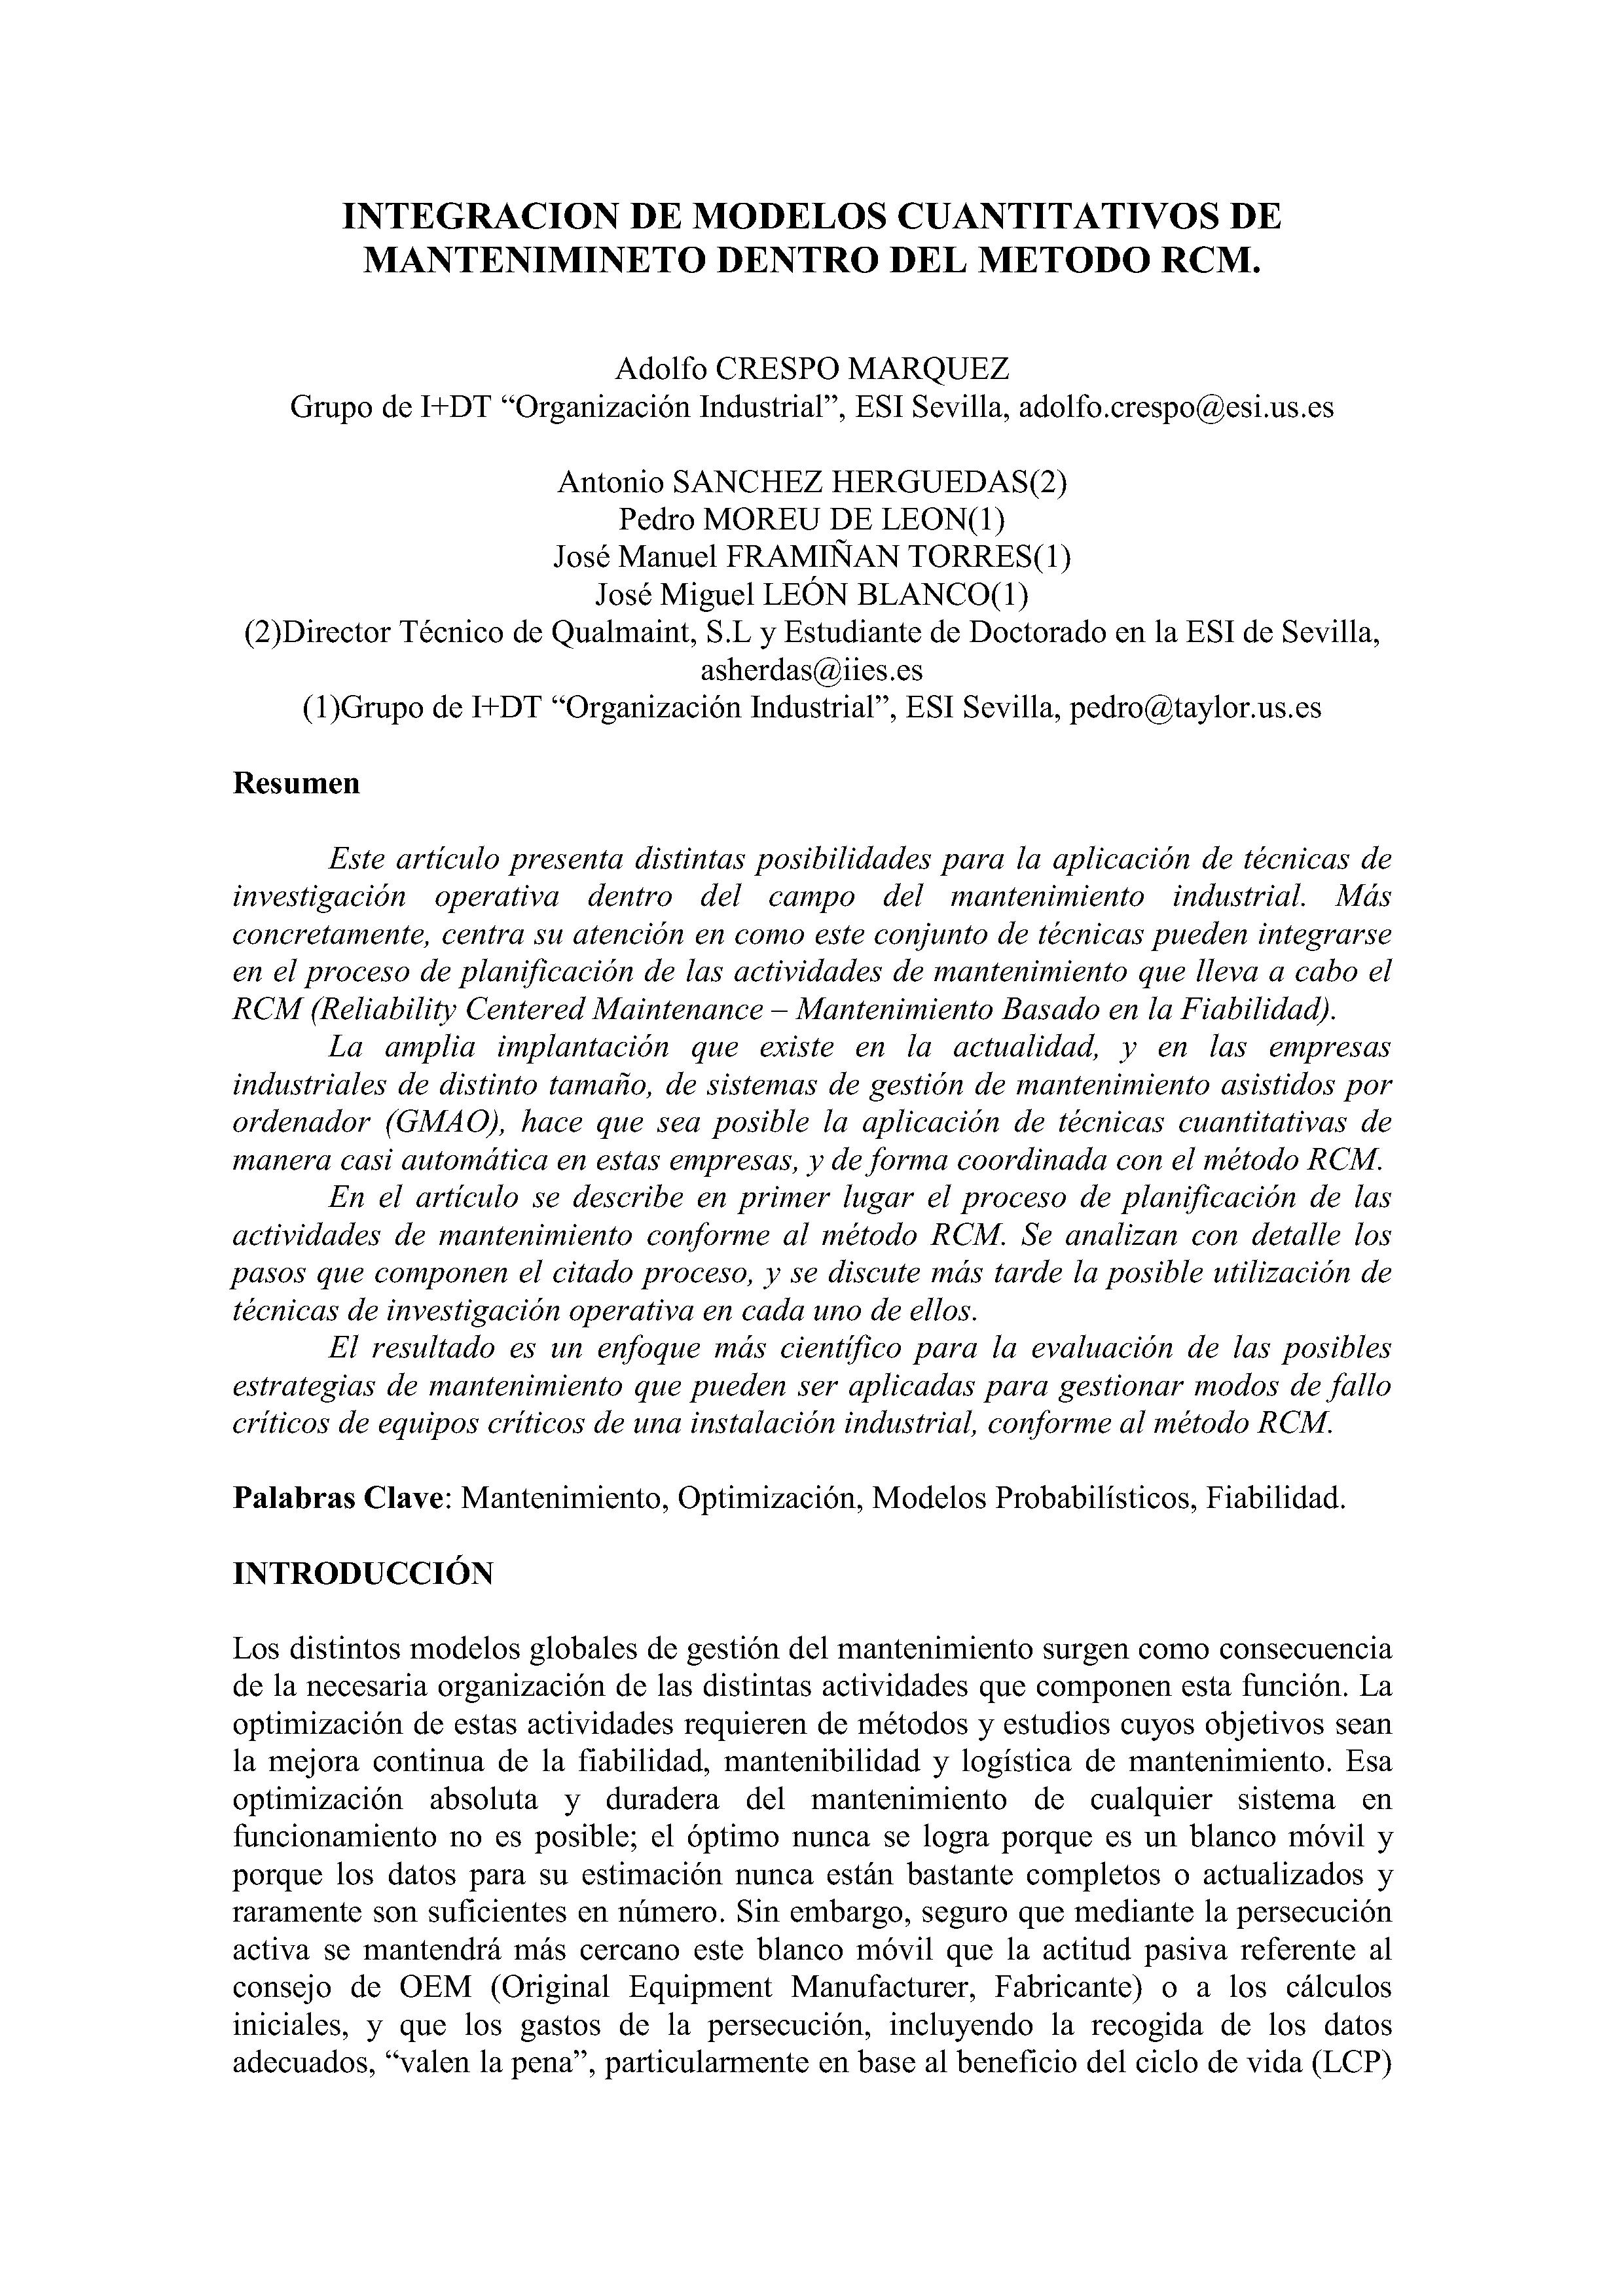 INTEGRACION DE MODELOS CUANTITATIVOS DE MANTENIMINETO DENTRO DEL METODO RCM.